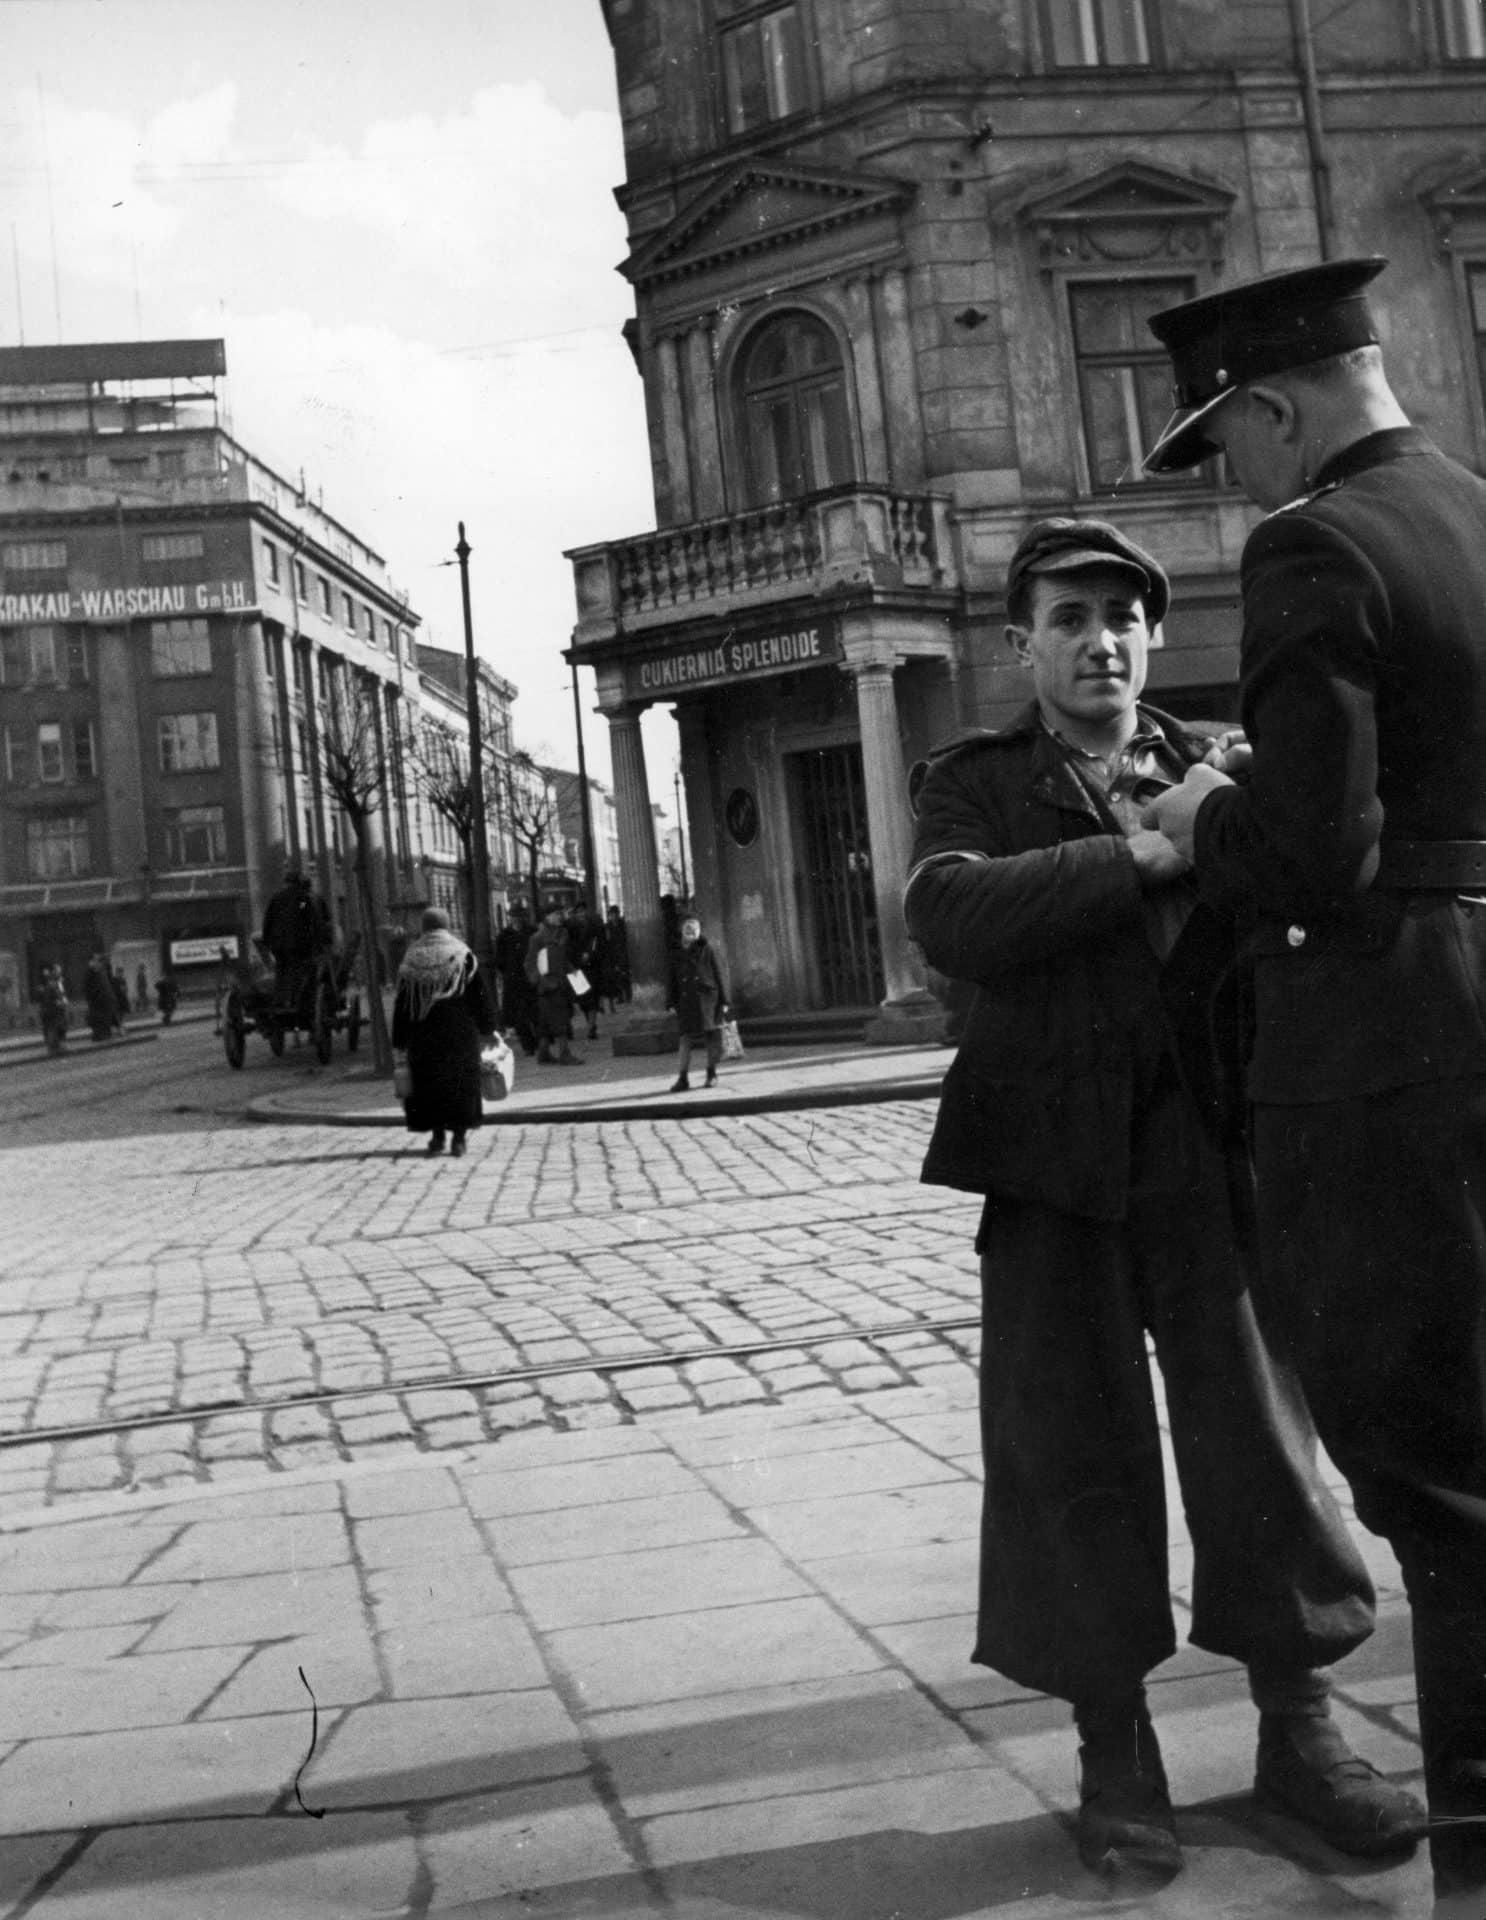 Policjant polski (granatowy) daje mandat przechodniowi za nieprzepisowe przechodzenie przez ulicę. Źródło: Narodowe Archiwum Cyfrowe. Niemiecka okupacja w Krakowie